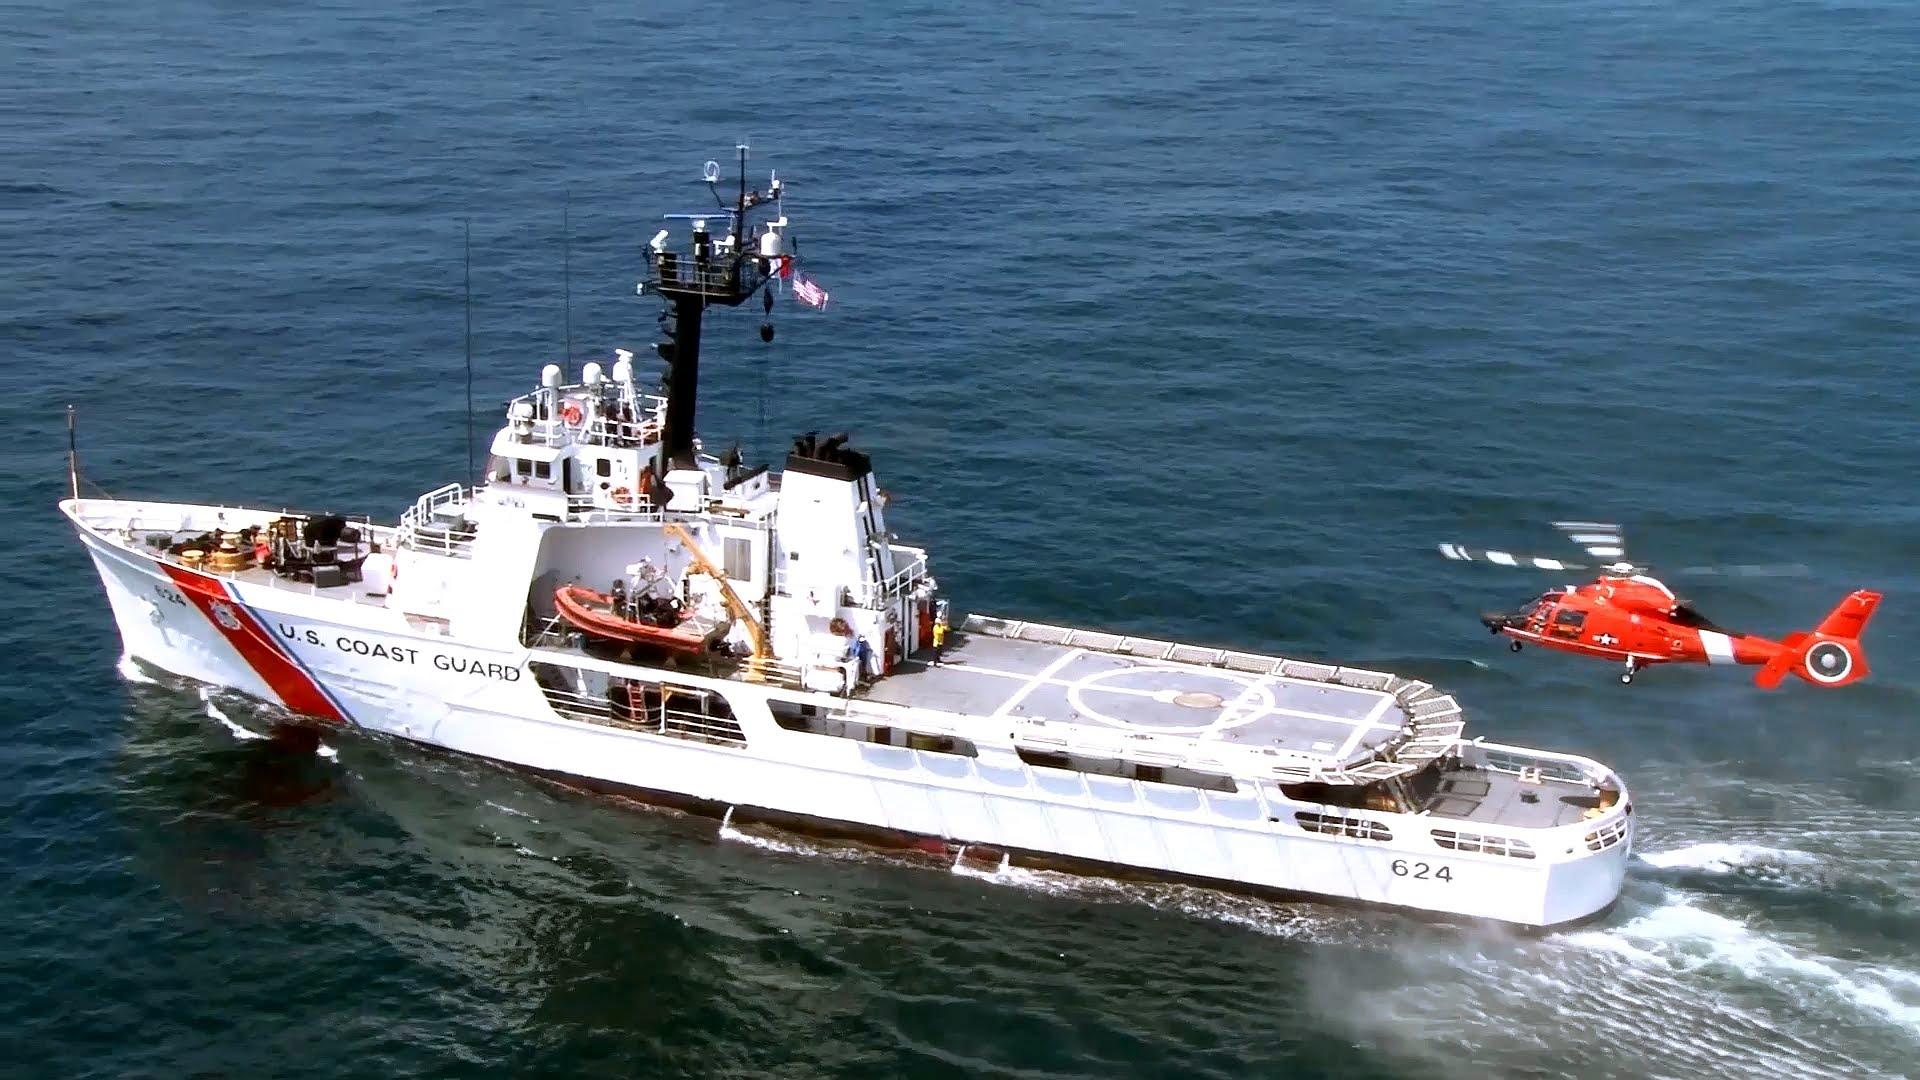 Coast Guard Coastguard Military Wallpaper 1920x1080 1288199